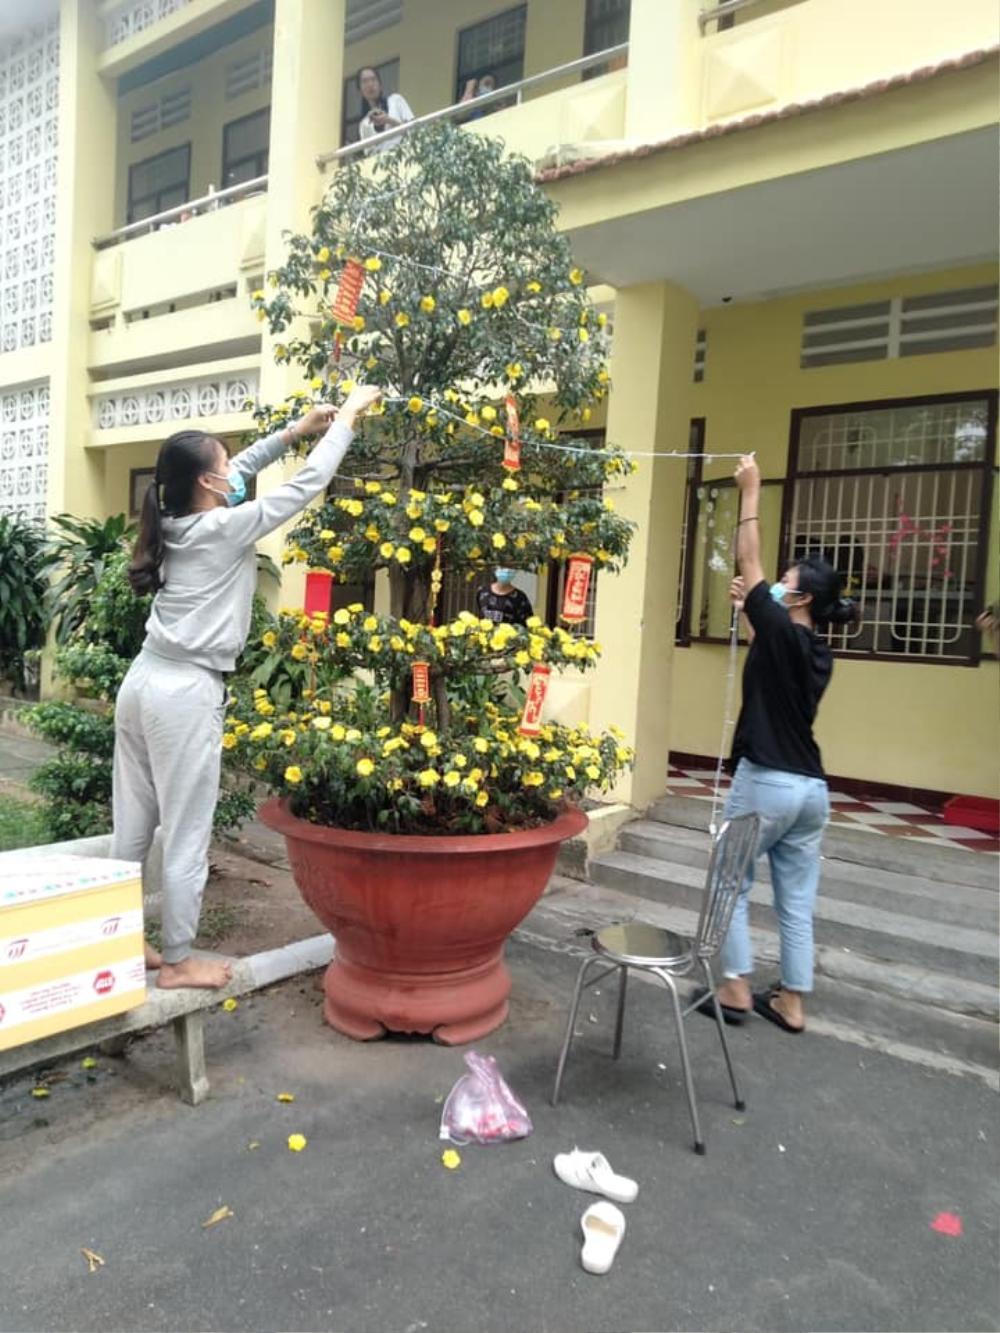 Tết đặc biệt của sinh viên Đại học Thủ Dầu Một trong khu cách ly Ảnh 2